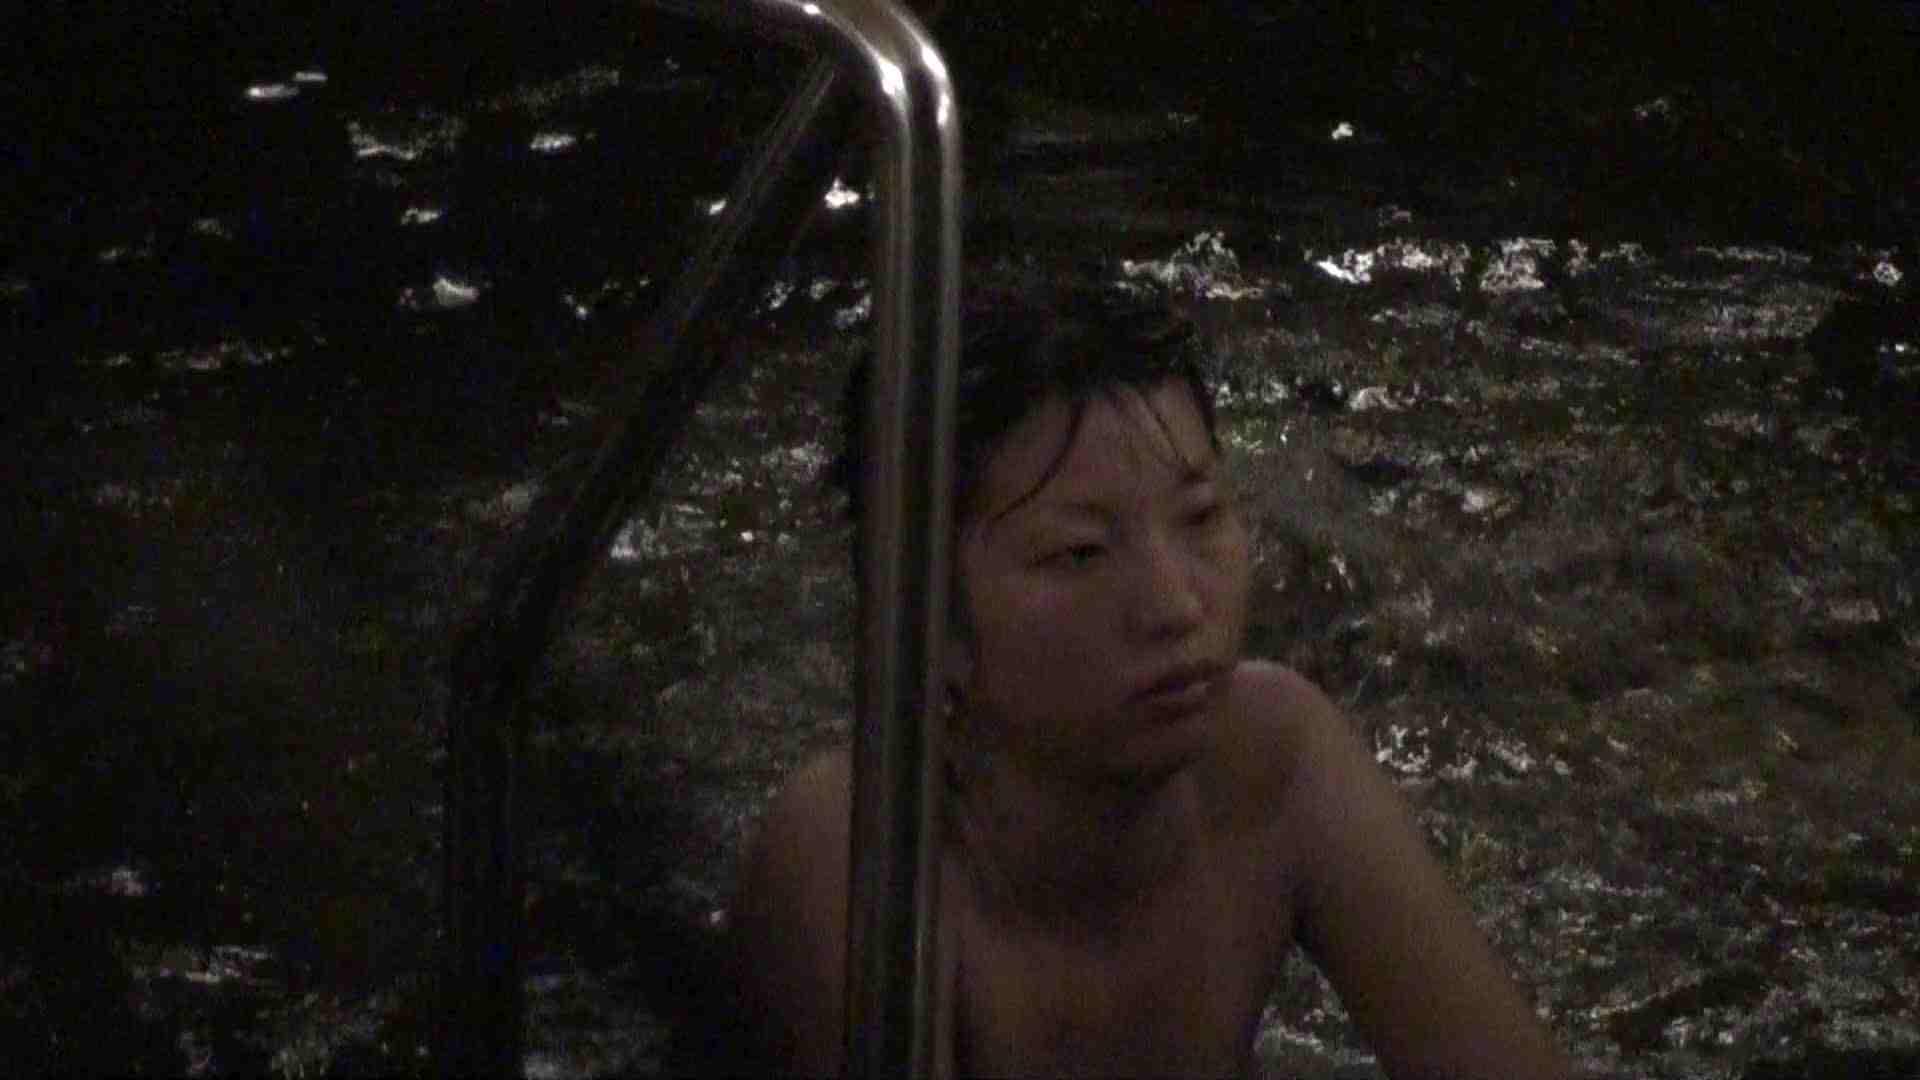 Aquaな露天風呂Vol.379 OL  90pic 50